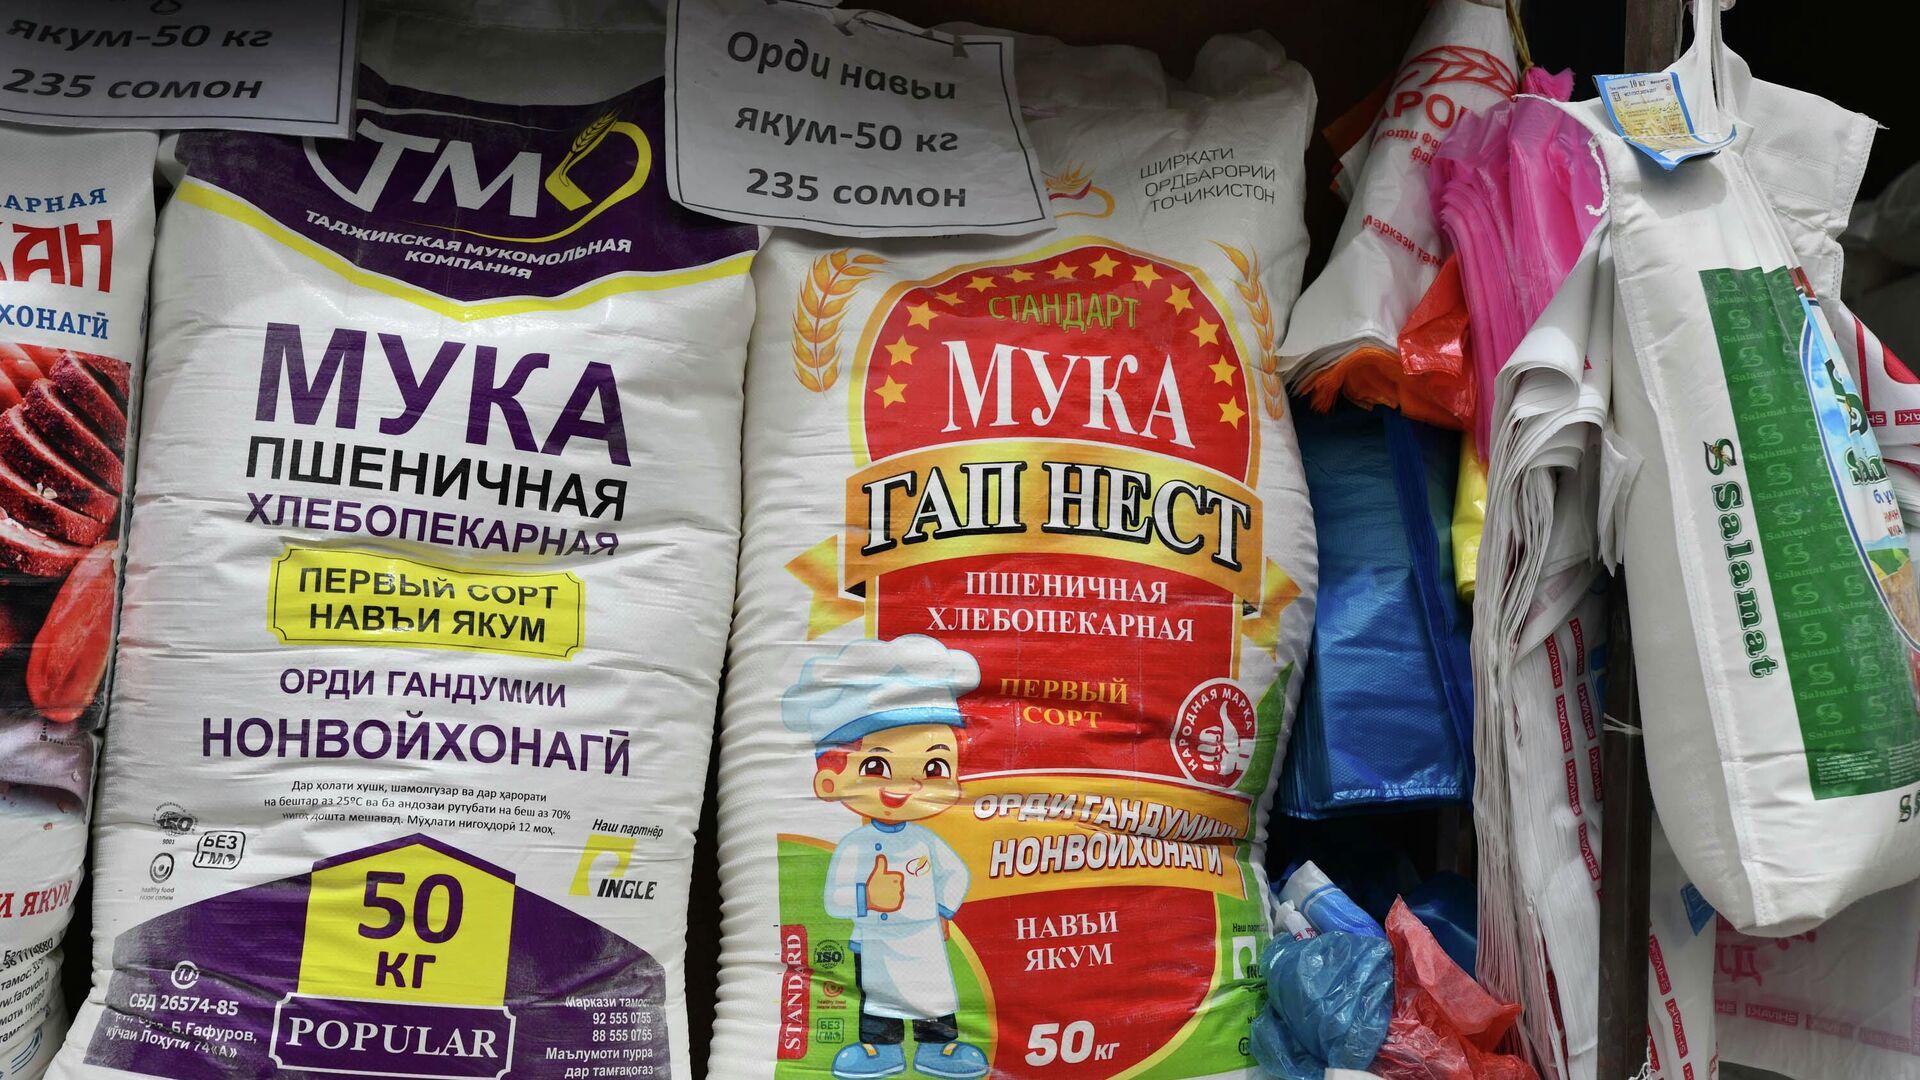 Мешки с мукой  - Sputnik Тоҷикистон, 1920, 01.10.2021